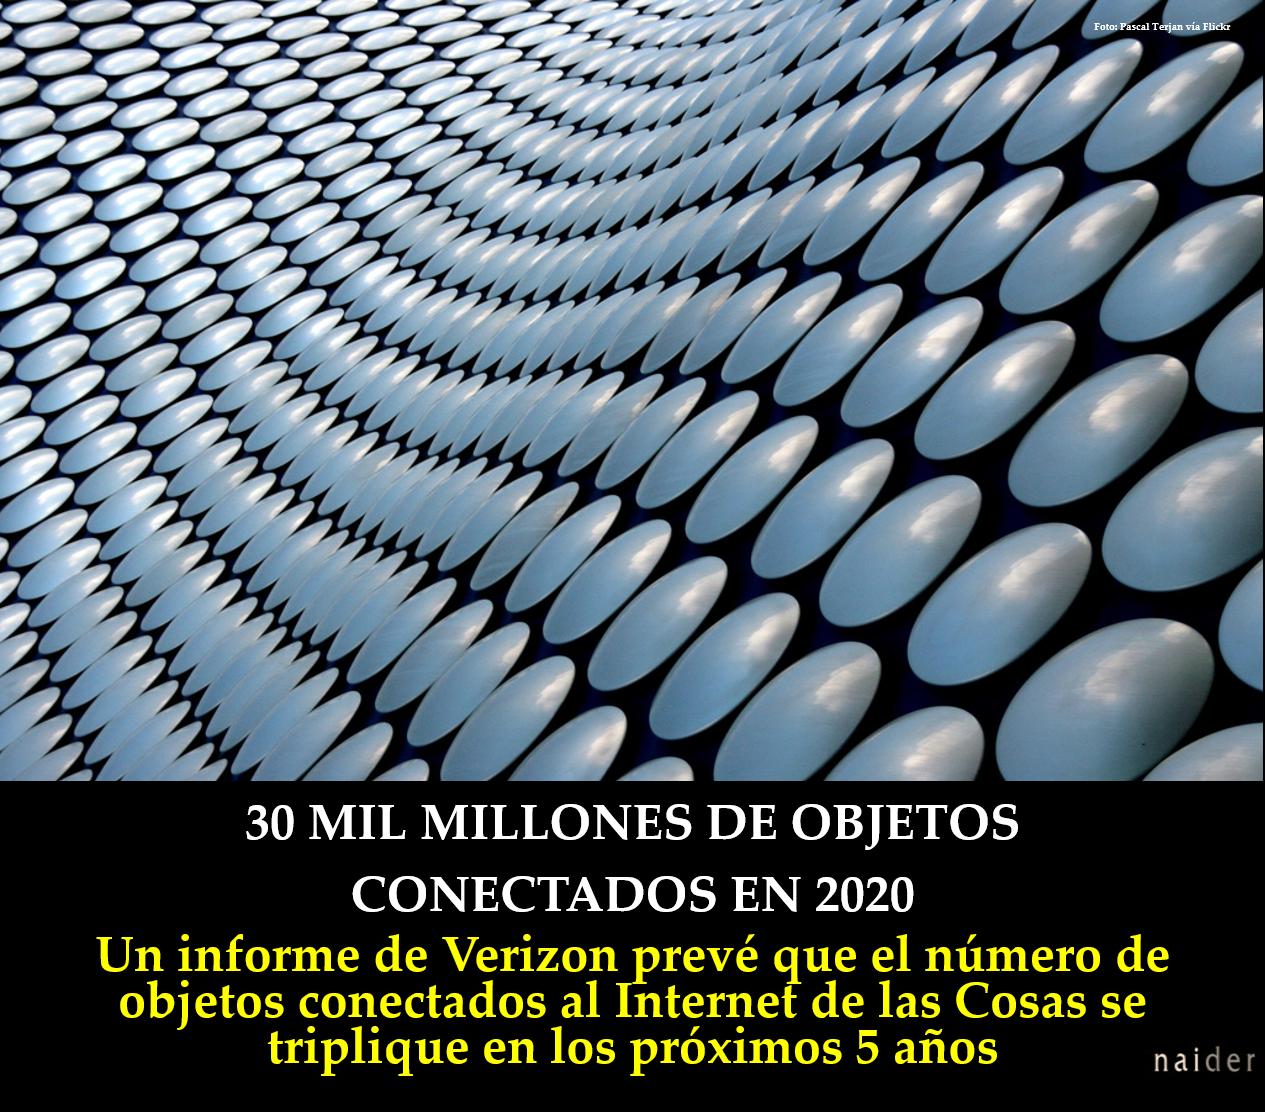 30 mil millones de objetos infopost